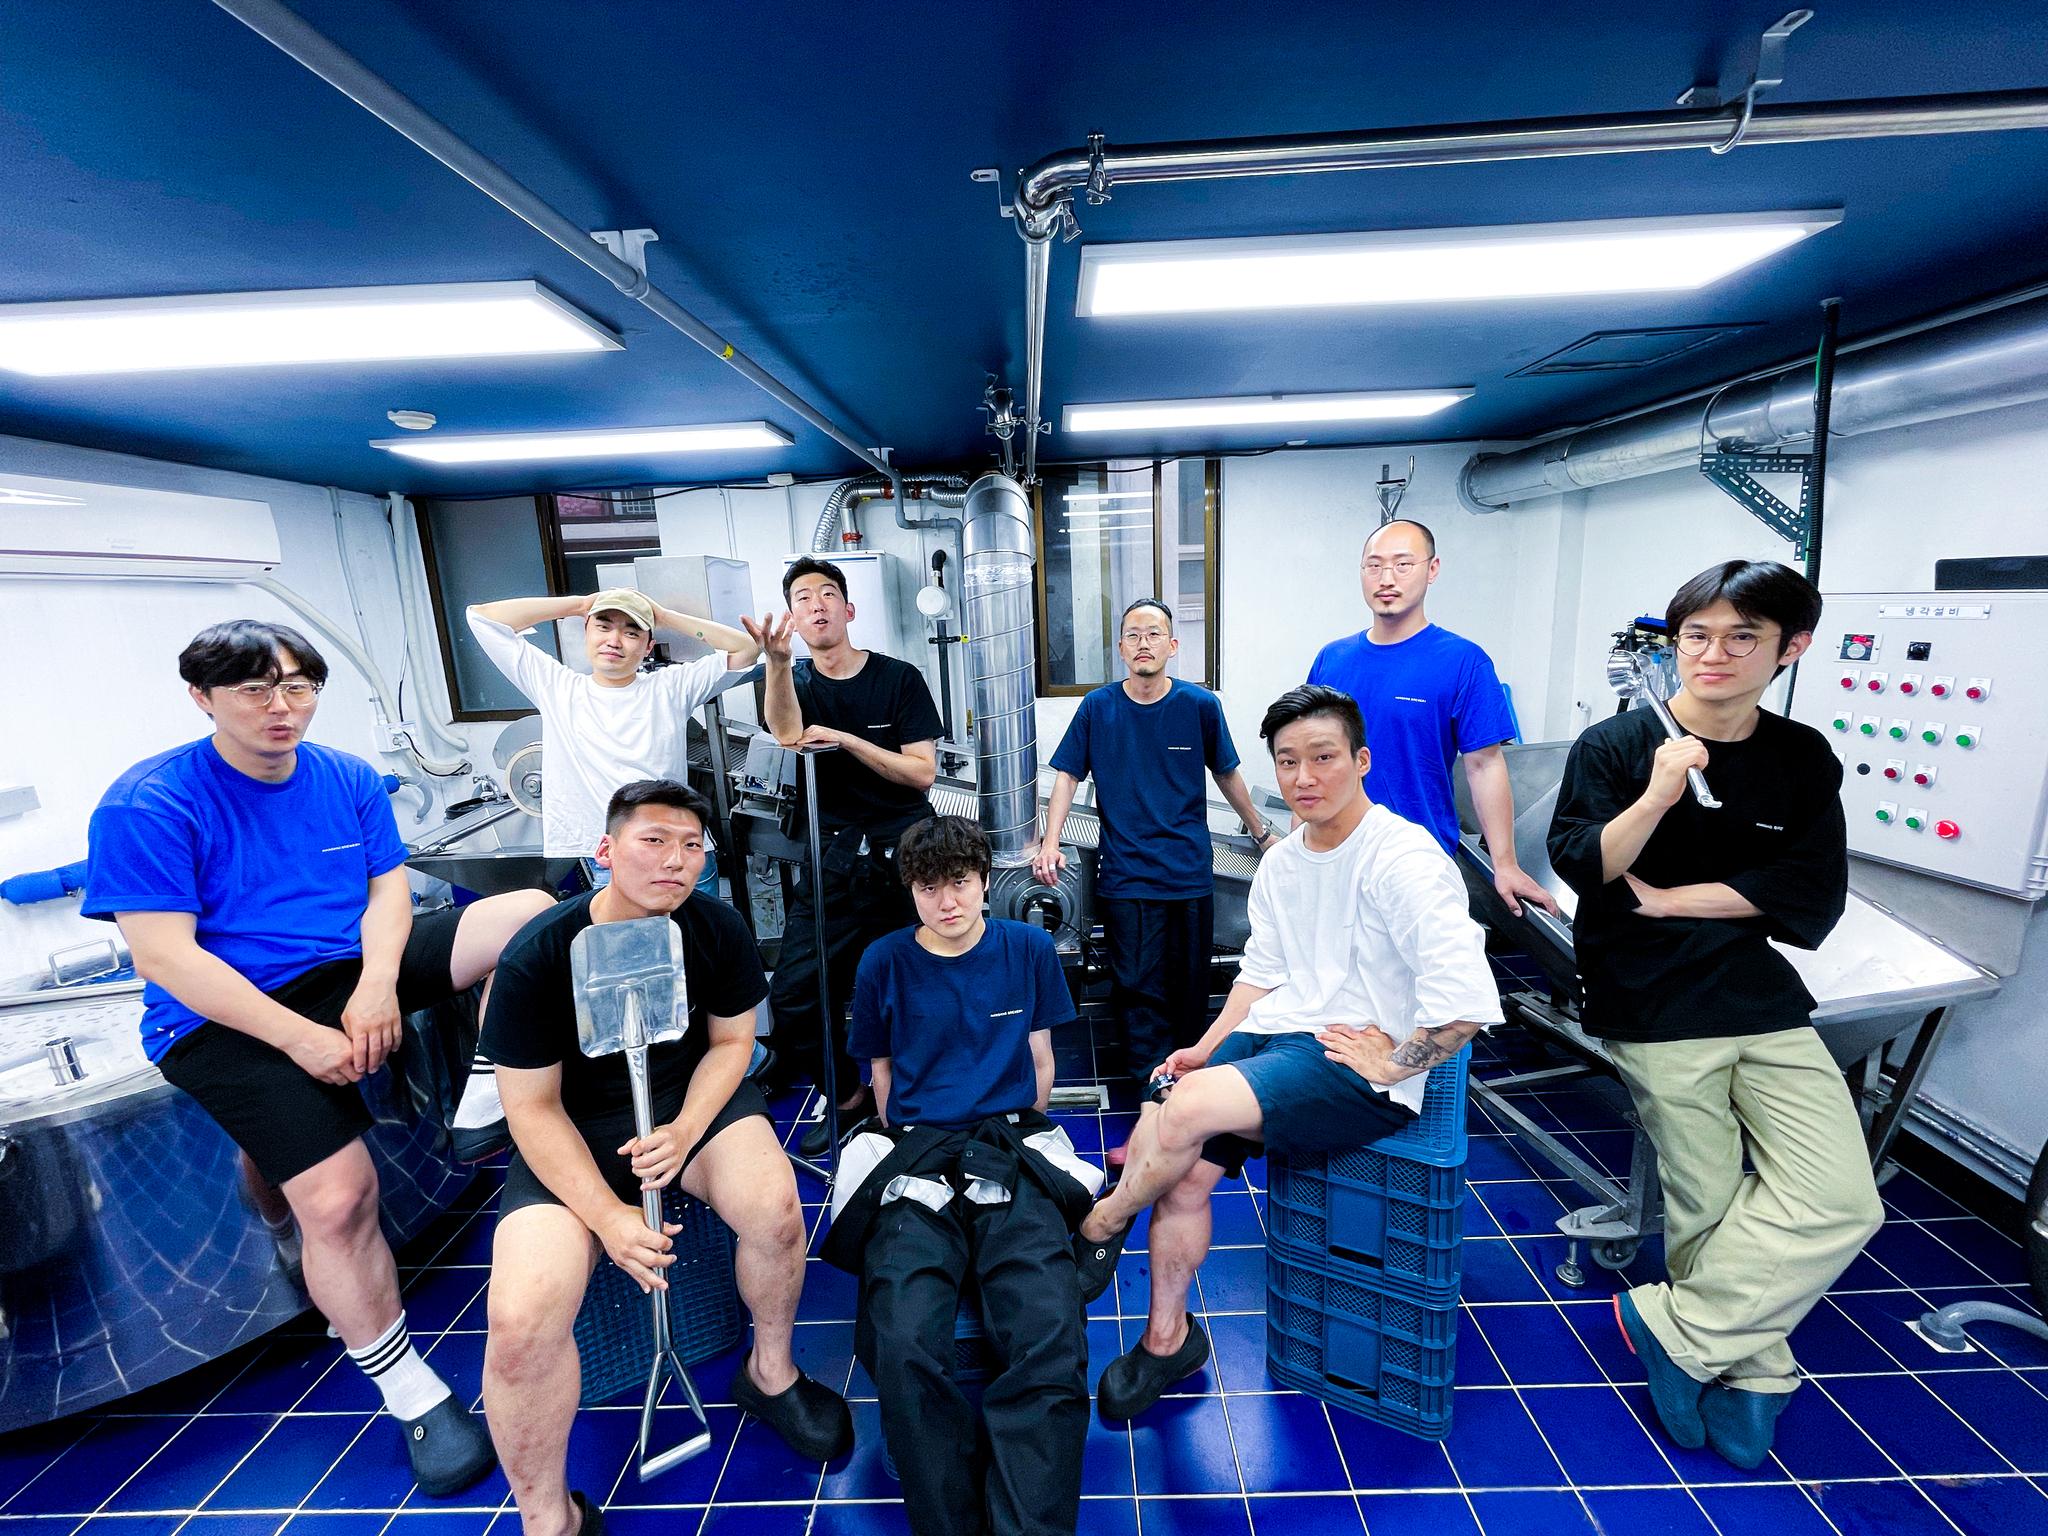 서울 성수동의 양조장 한강주조에서 일하는 고성표 대표와 직원들. 한강주조